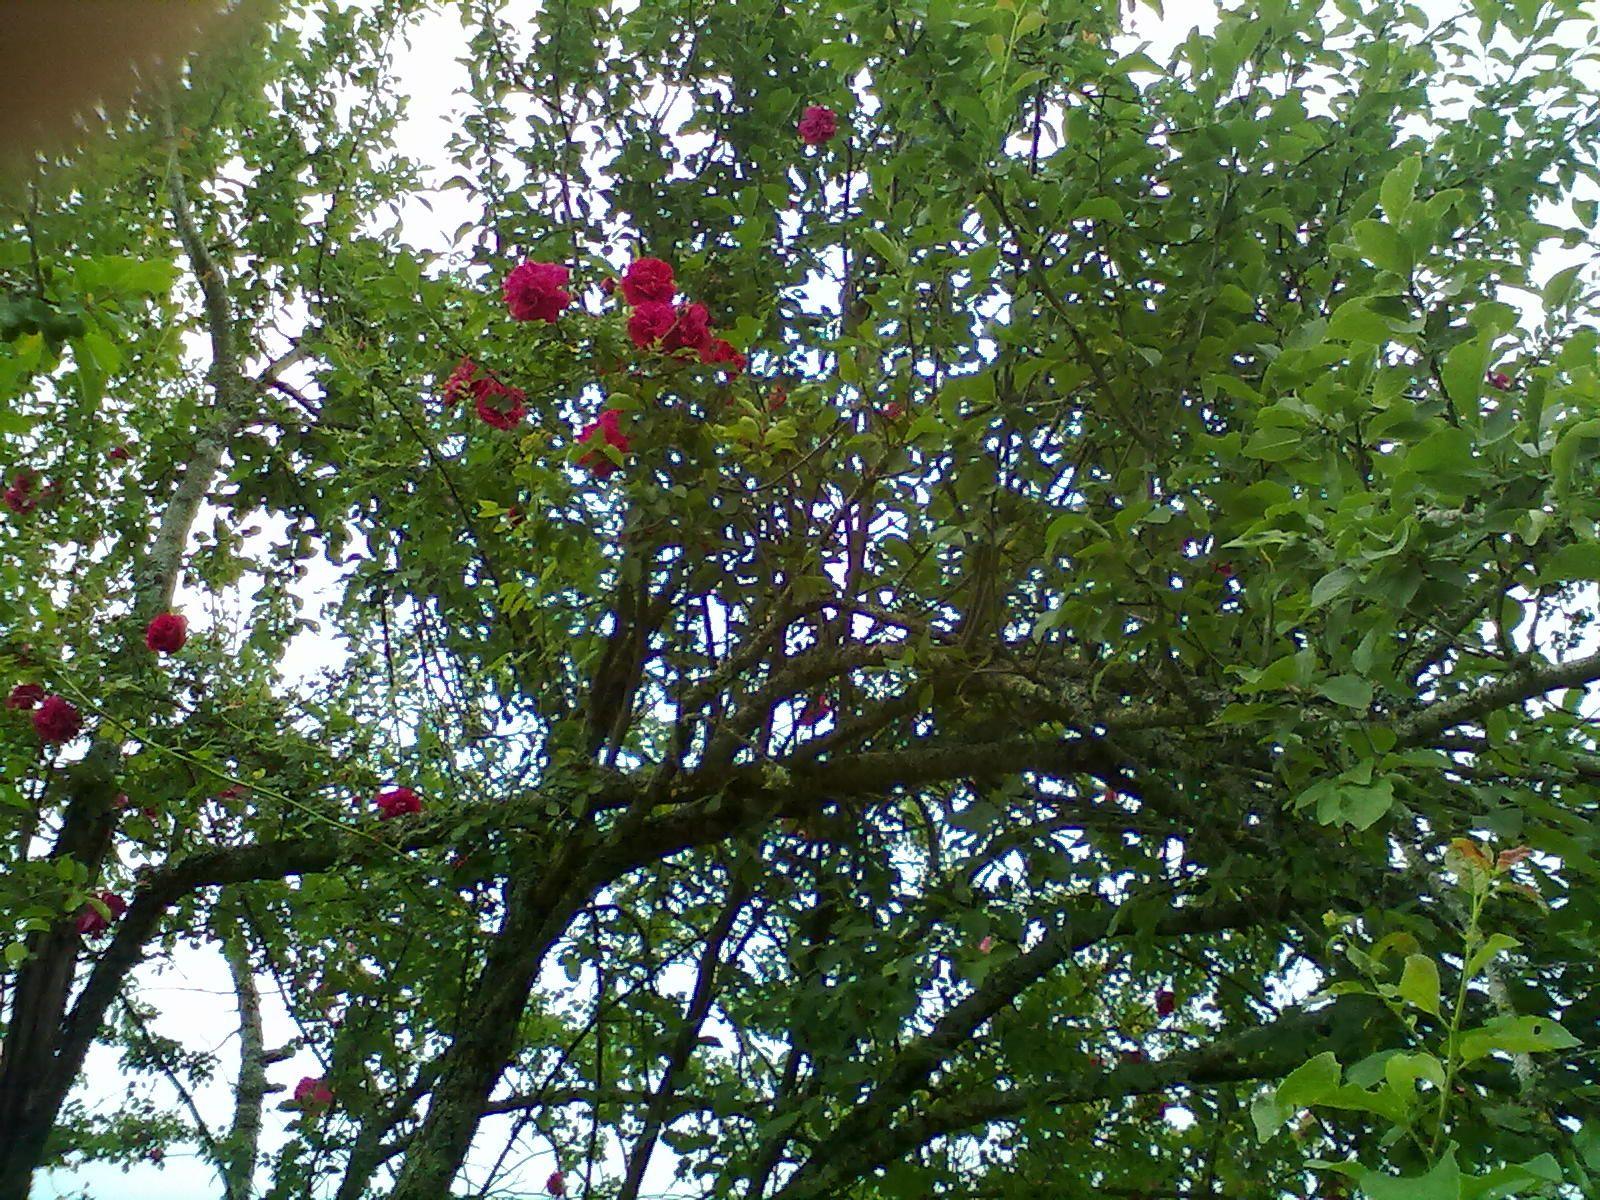 le jardin à l'anglaise de Kate et Richard Mailfert , réserve de nombreuses surprises au visiteur, telle cette sculpture du Zimbabwe perché sur  la fourche d'un arbre.